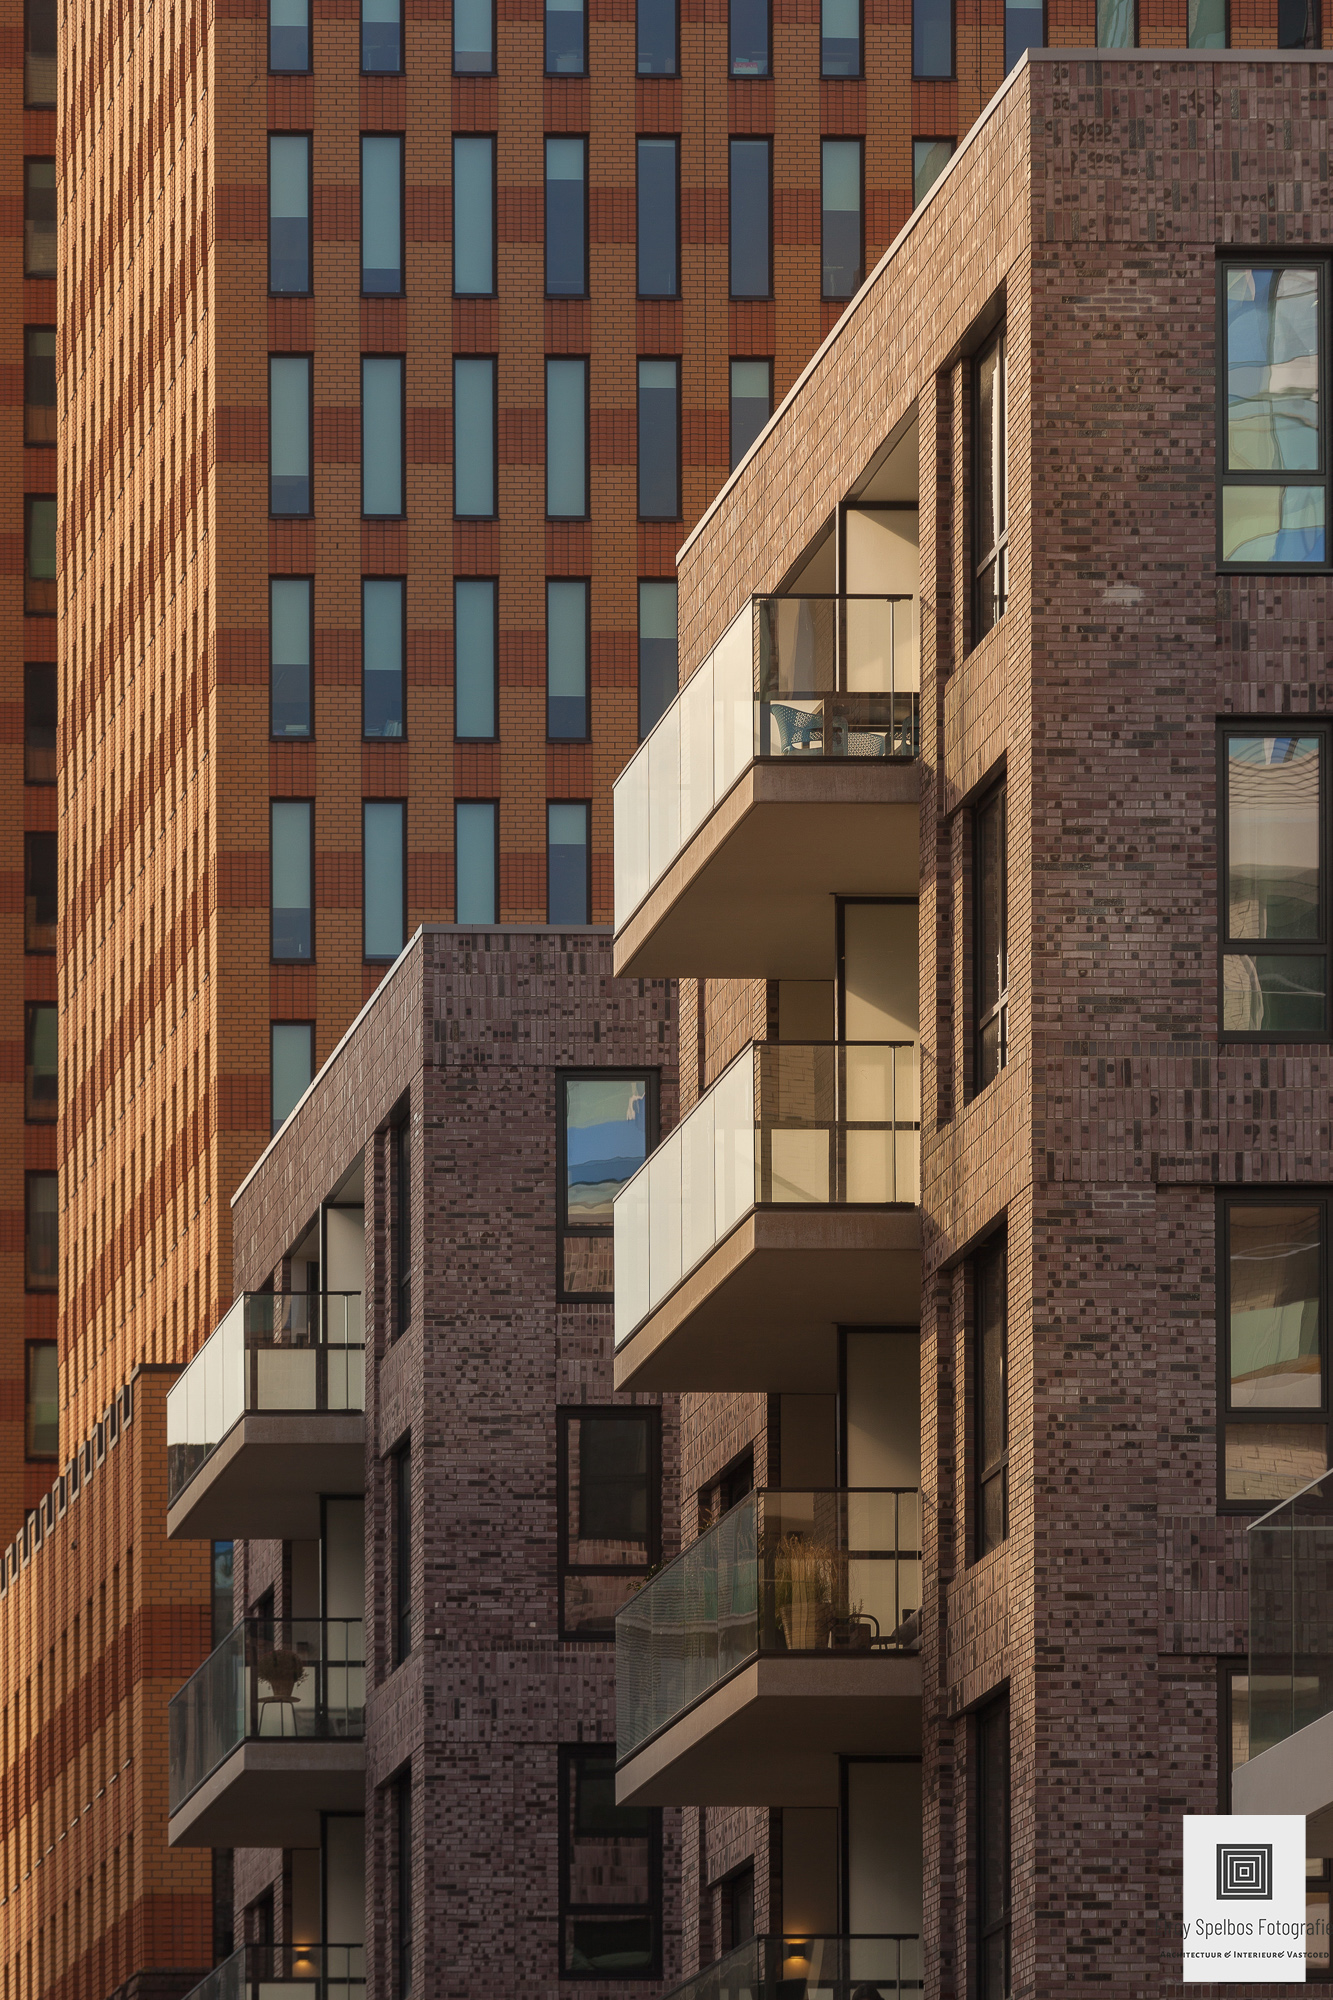 Balkons van een hoog gebouw in het zonlicht